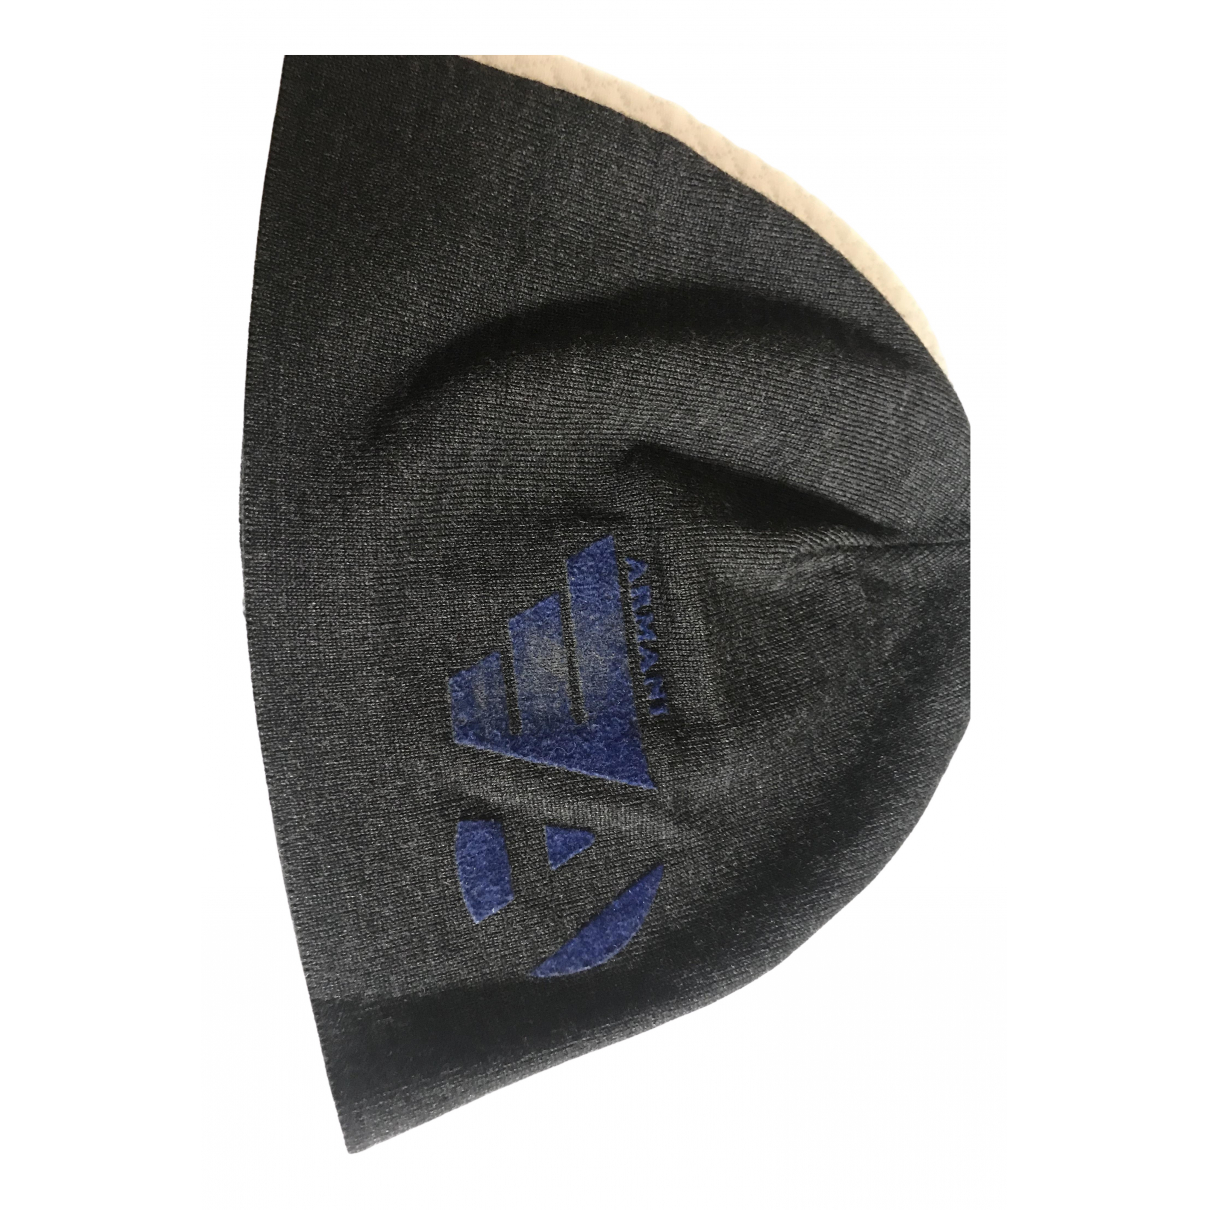 Emporio Armani \N Hut, Muetzen, Handschuhe in  Grau Wolle